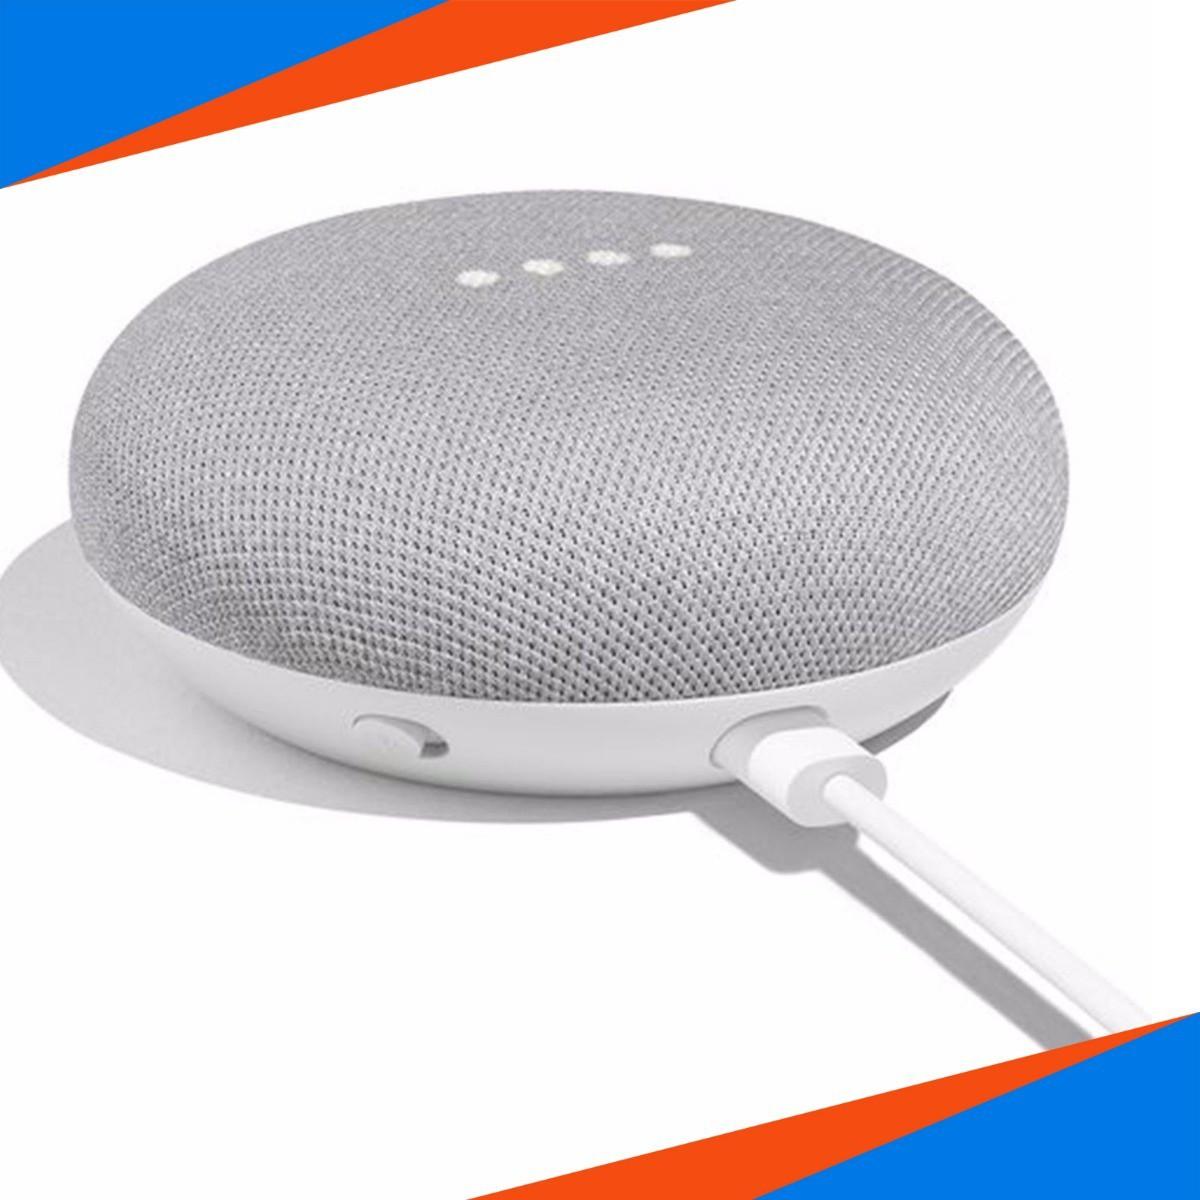 USADO: Google Home Mini Assistente Pessoal Caixa De Som Speaker Wi-fi